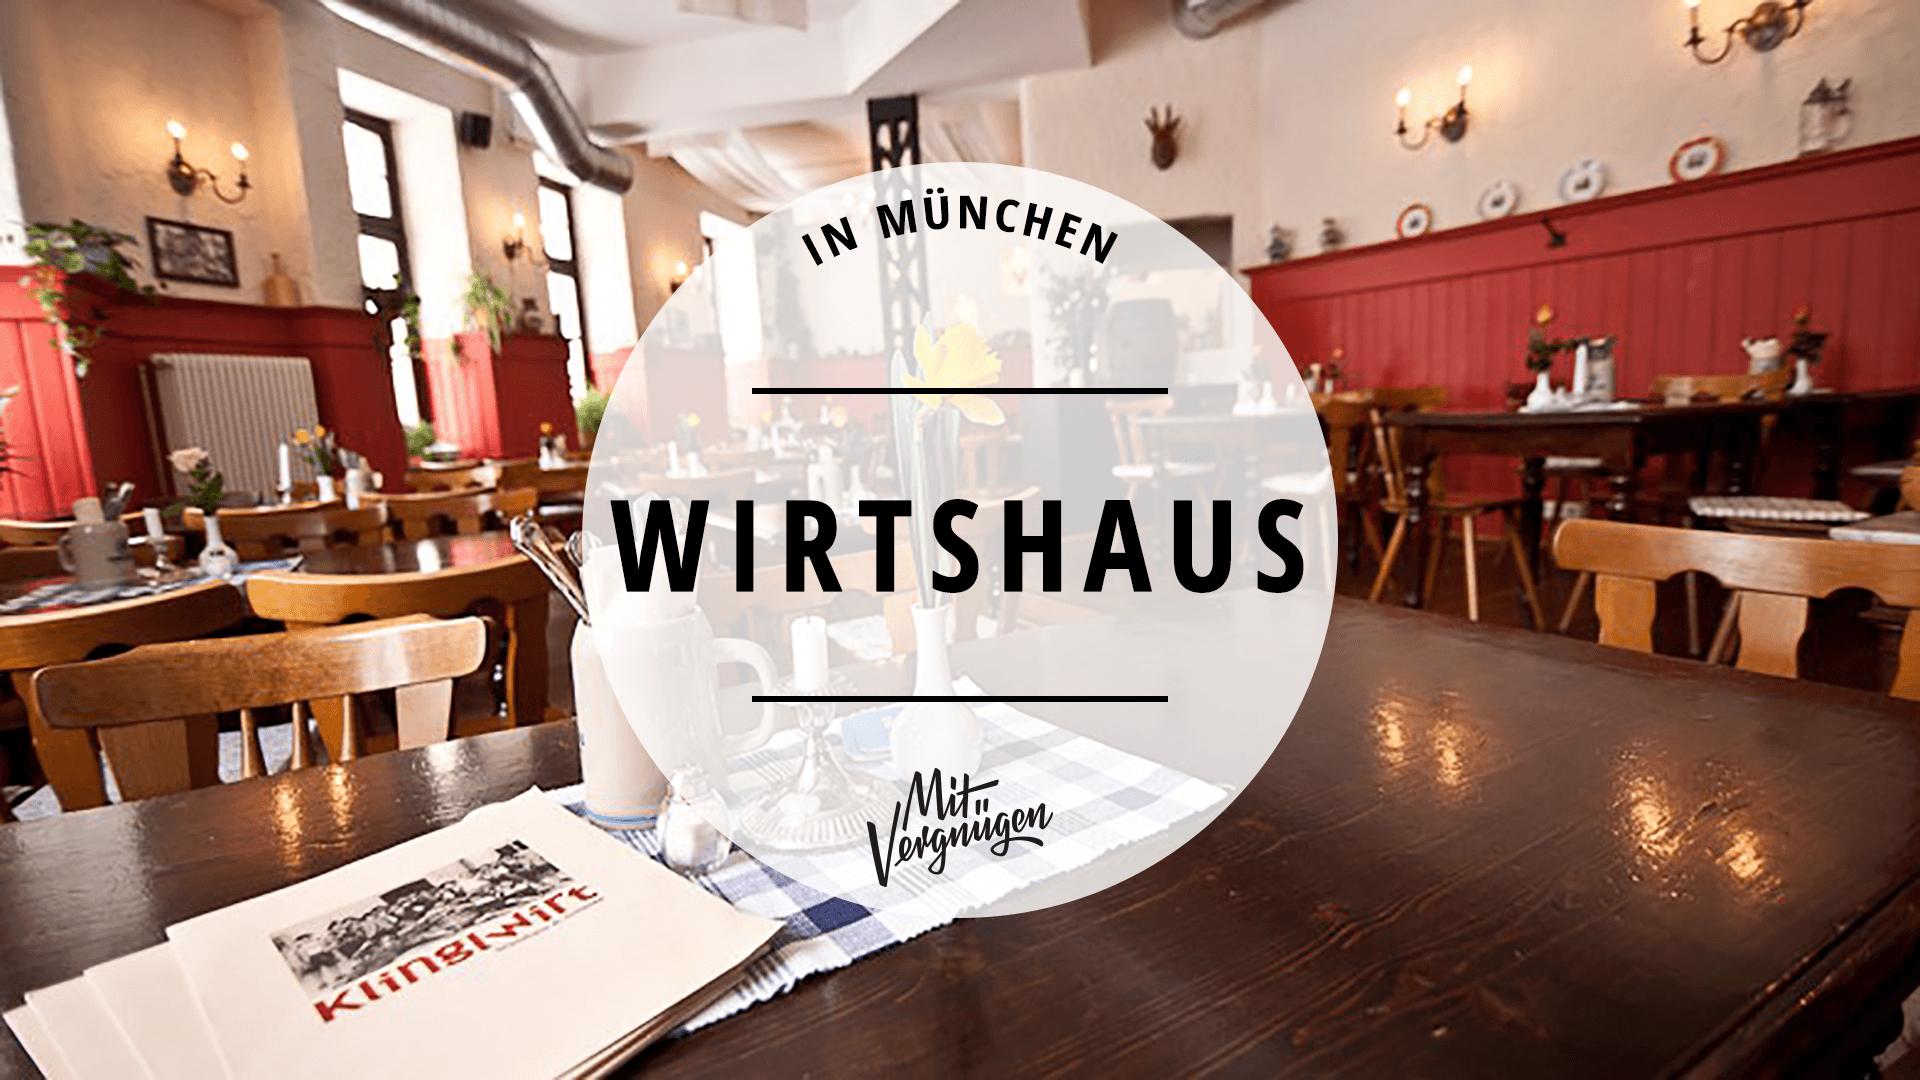 Bayerische Küche München | 11 Richtig Gute Wirtshauser In Munchen Mit Vergnugen Munchen